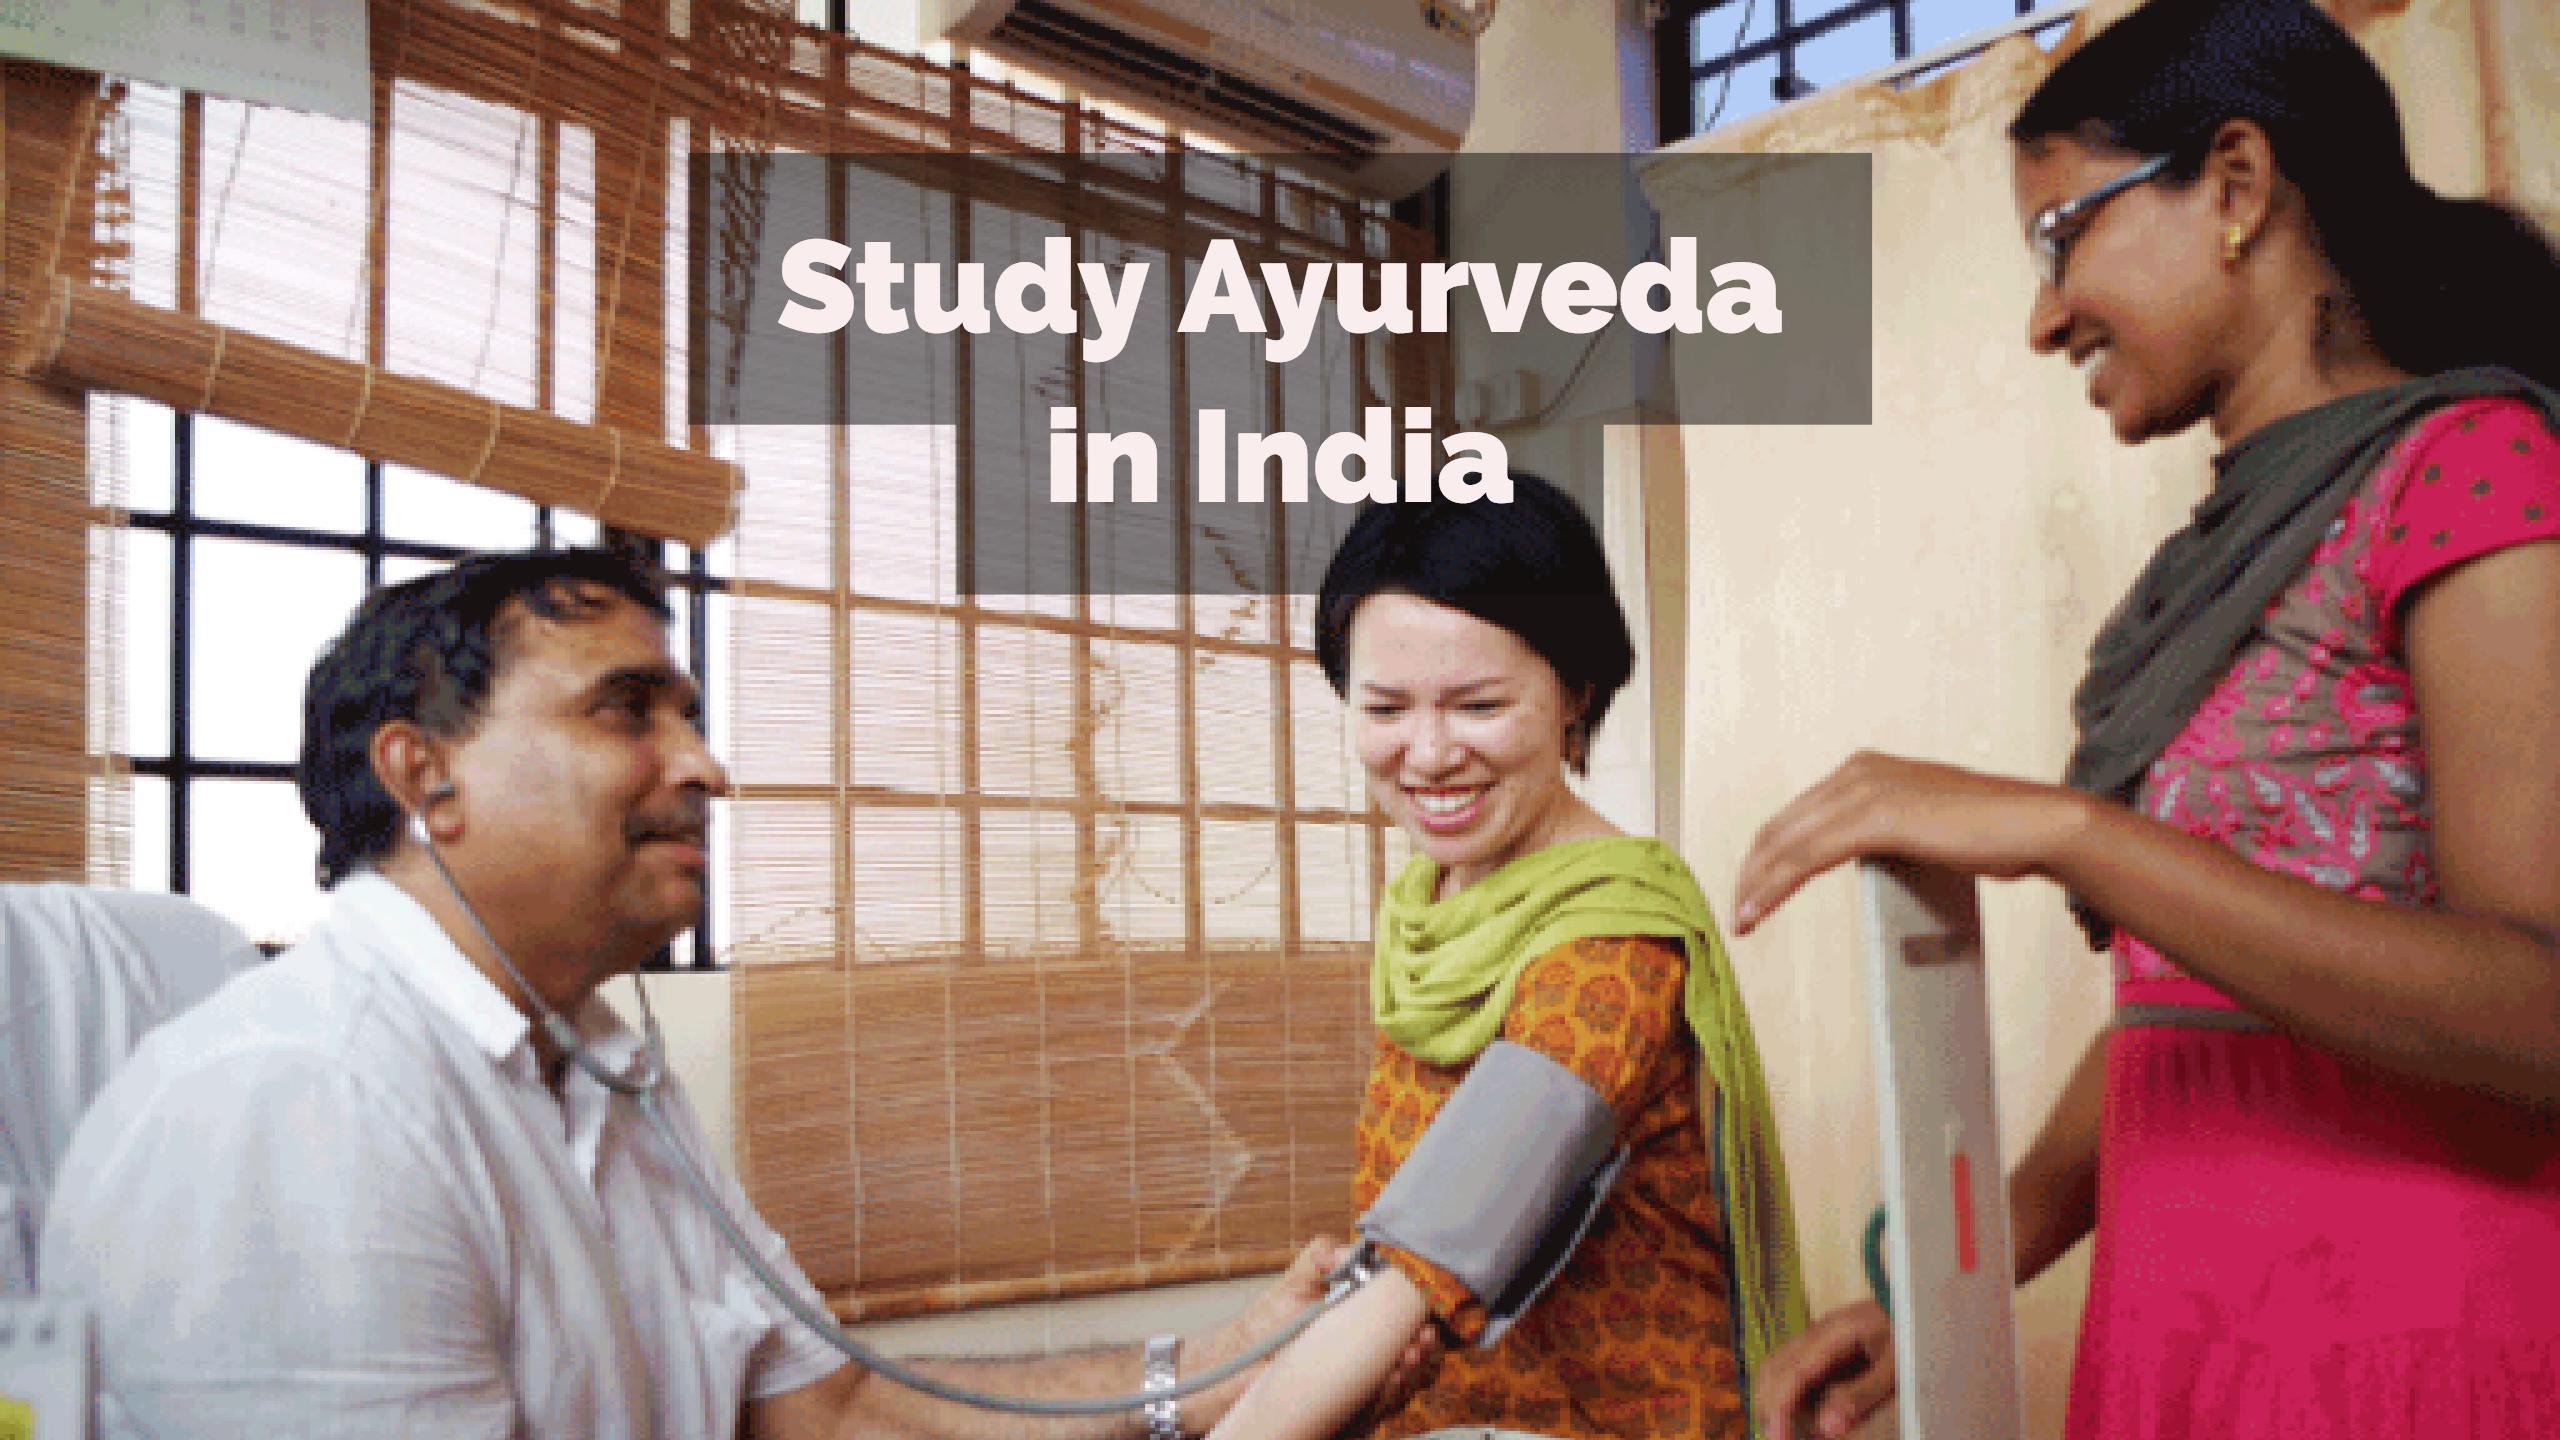 【終了】10月19日『インドでアーユルヴェーダを学ぶ』おはなし|神奈川・藤沢